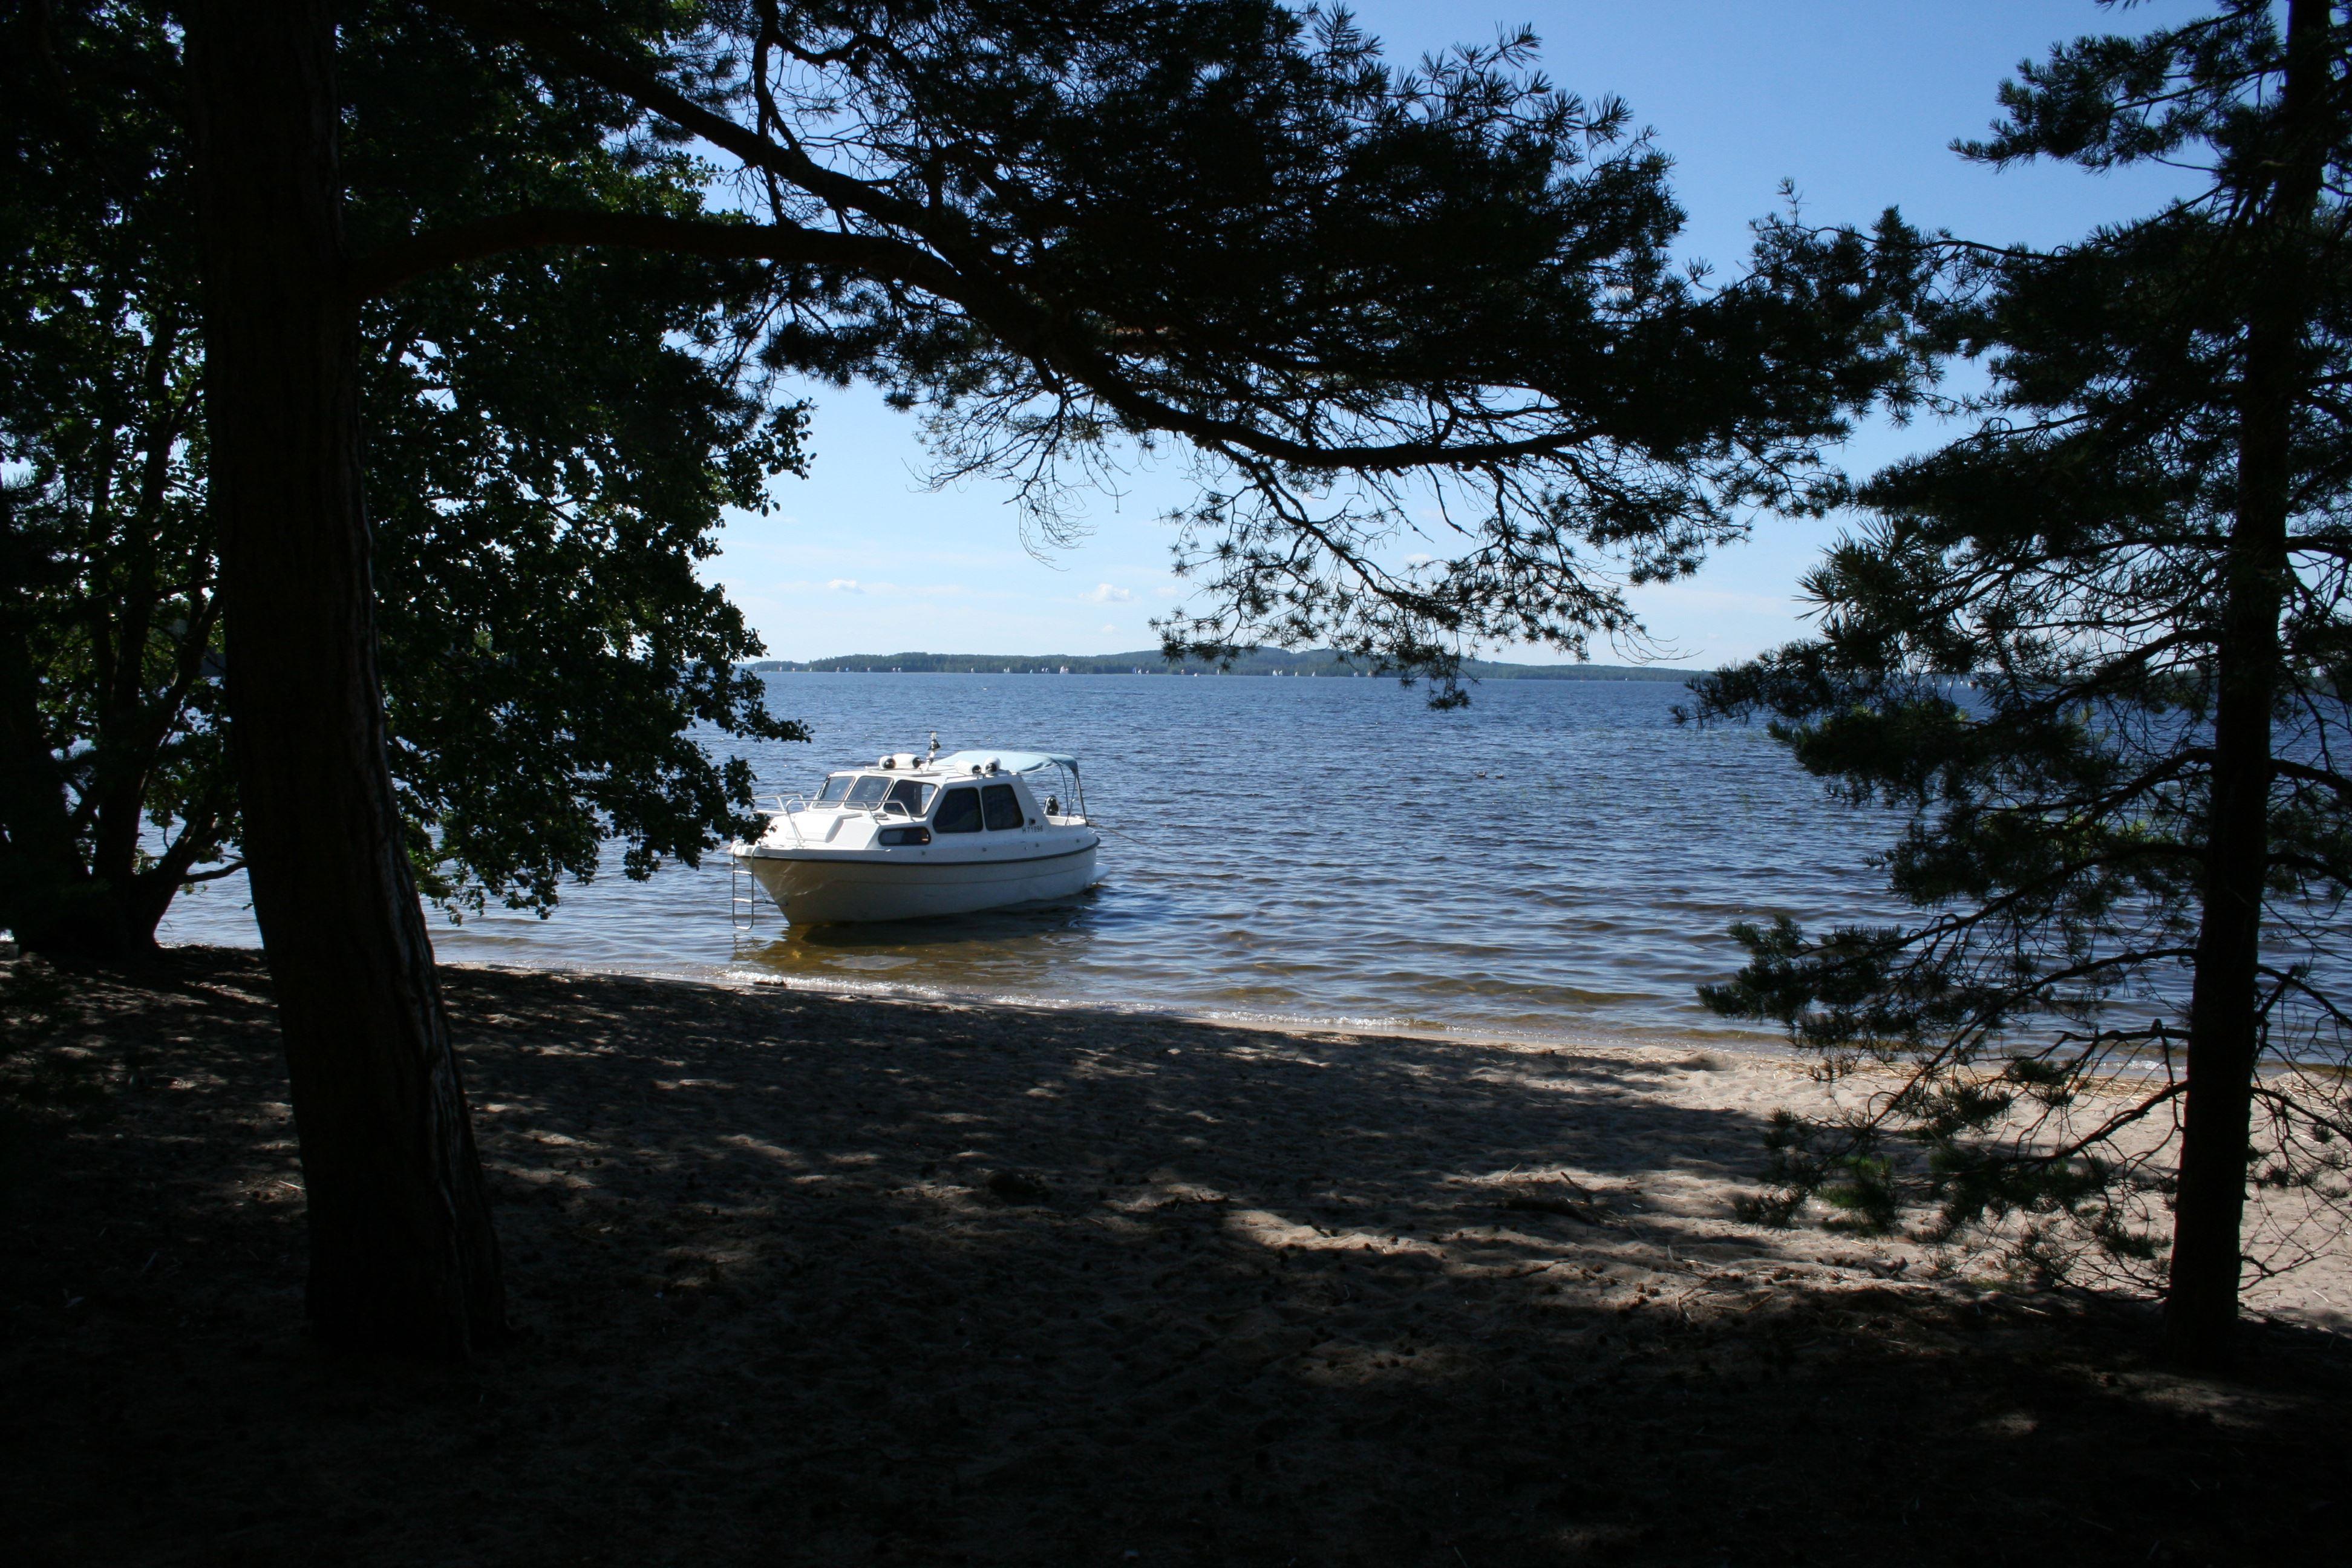 Retki Päijänteen kansallispuistoon | Kiuasniemi Marina